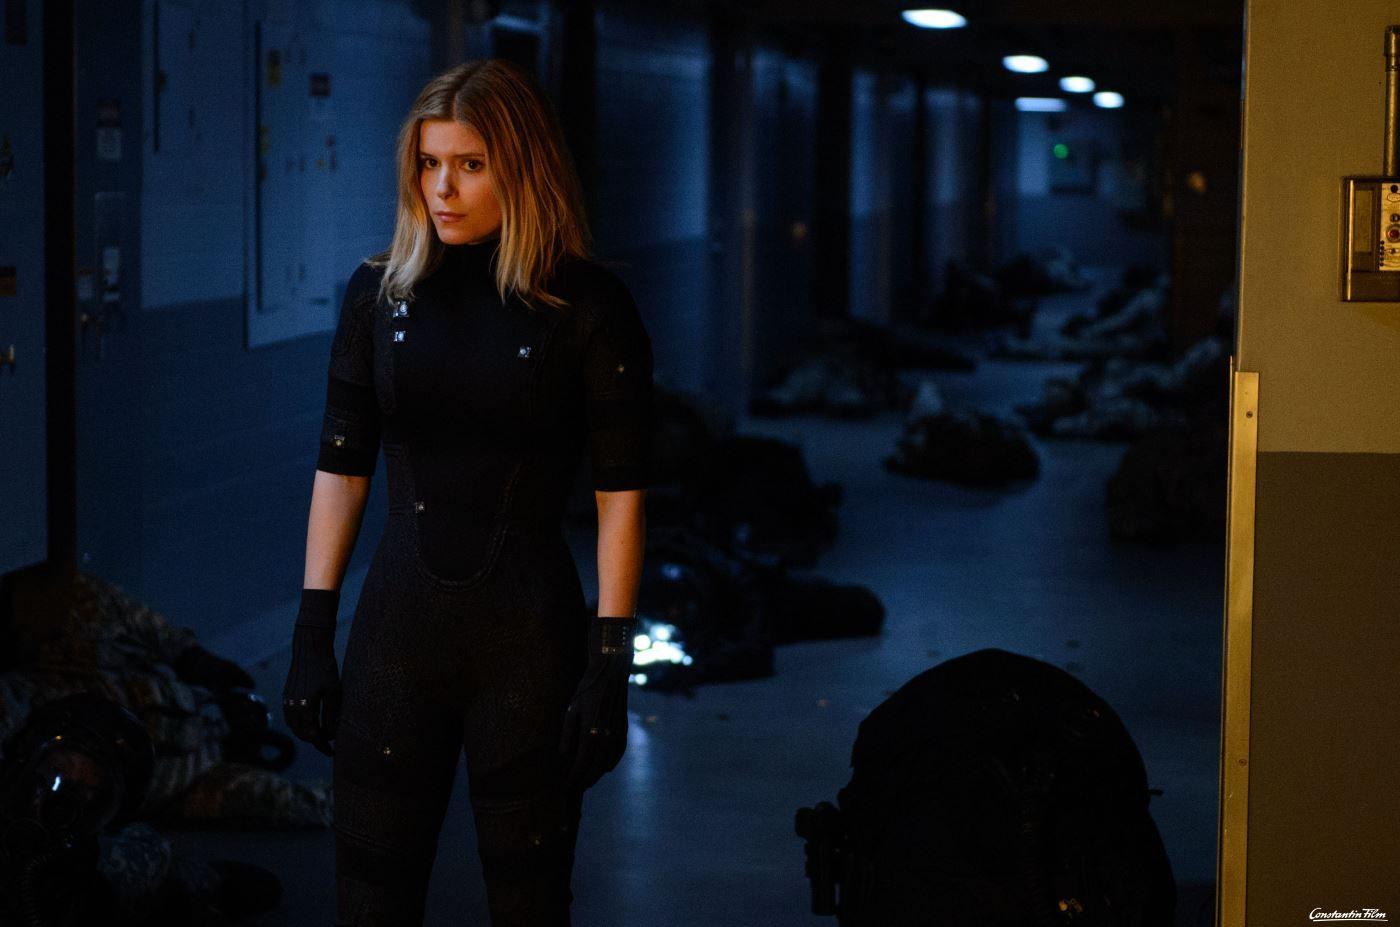 © 2015 Constantin Film Verleih GmbH  Nachdem sie einer gefährlichen Strahlung ausgesetzt war, kann sich Sue Storm (Kate Mara) unsichtbar machen.